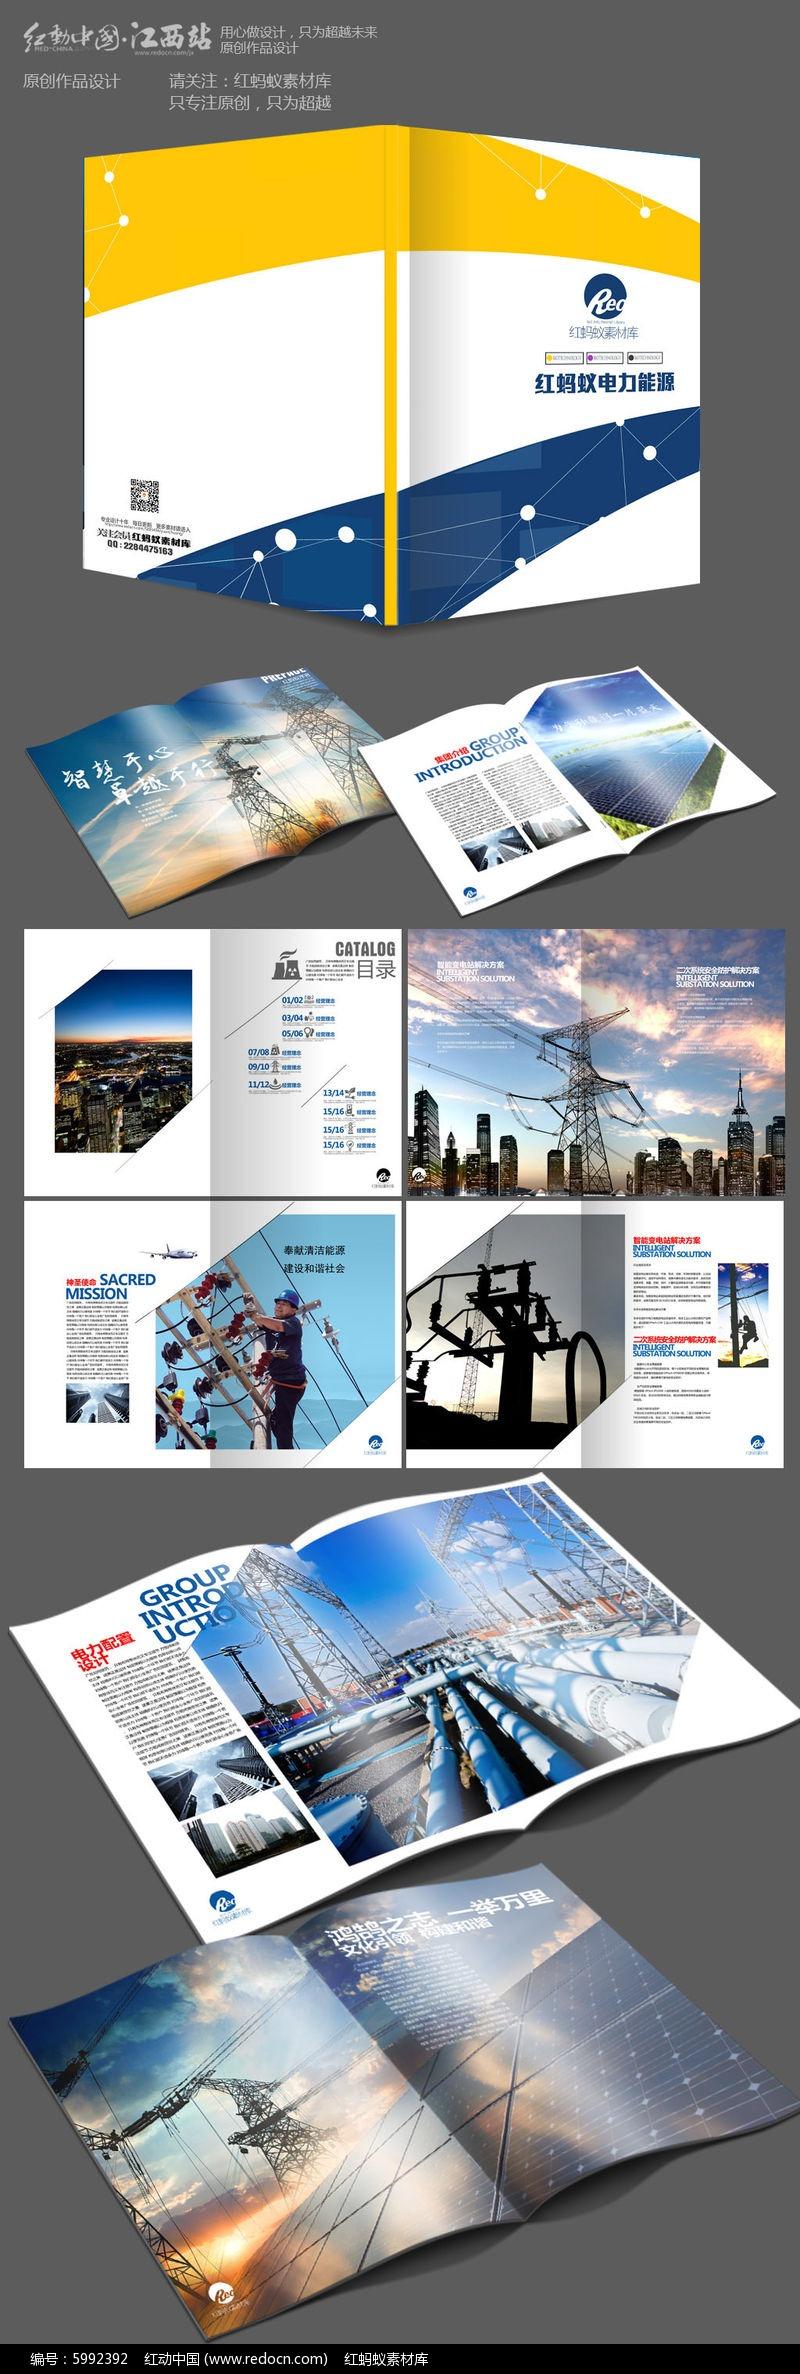 创意电力公司宣传册版式设计psd素材下载_企业画册图片